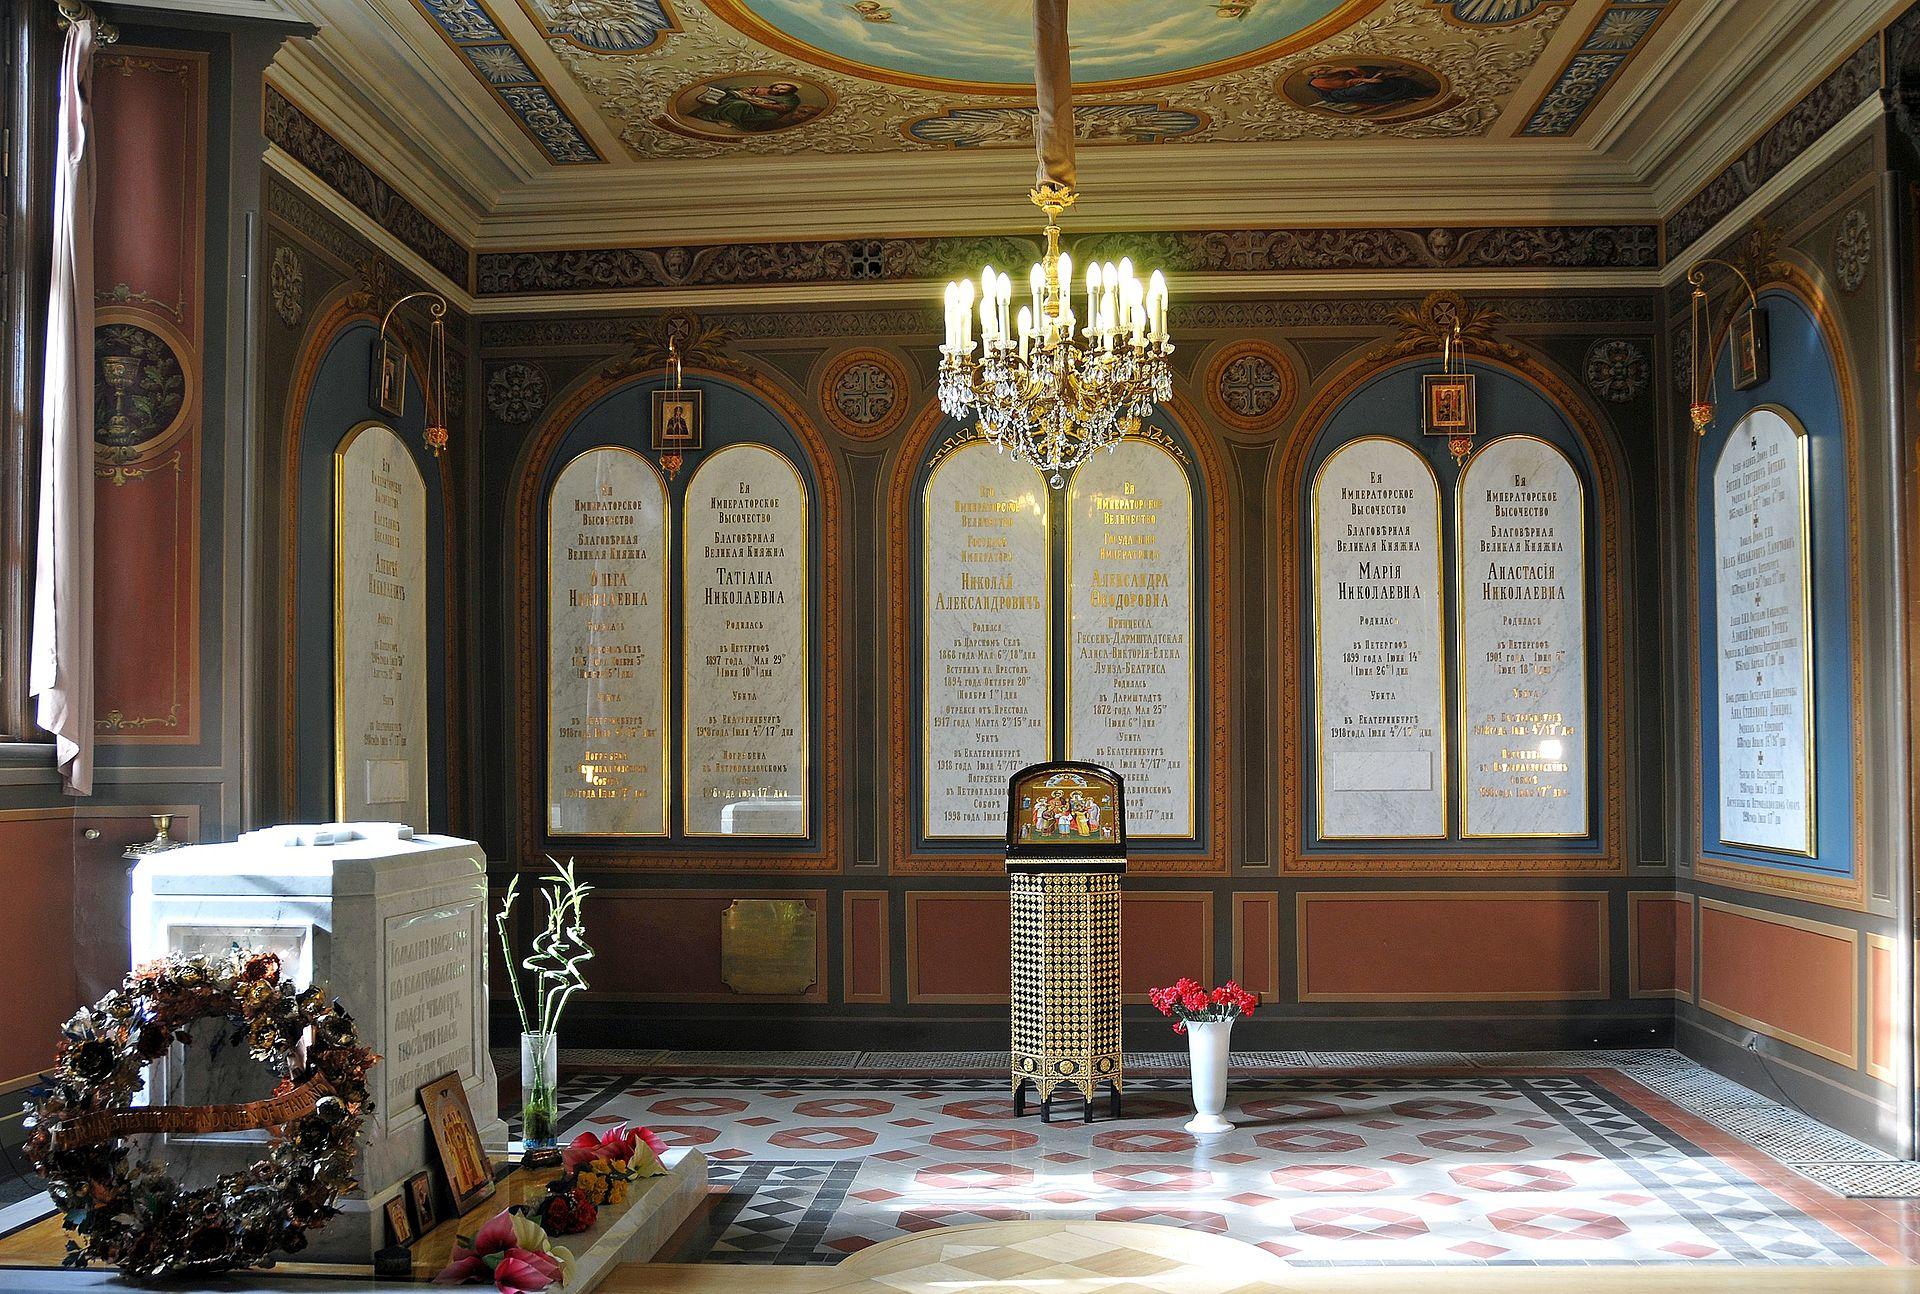 Захоронение императора Николая II и его семьи в Екатерининском приделе Петропавловского собора